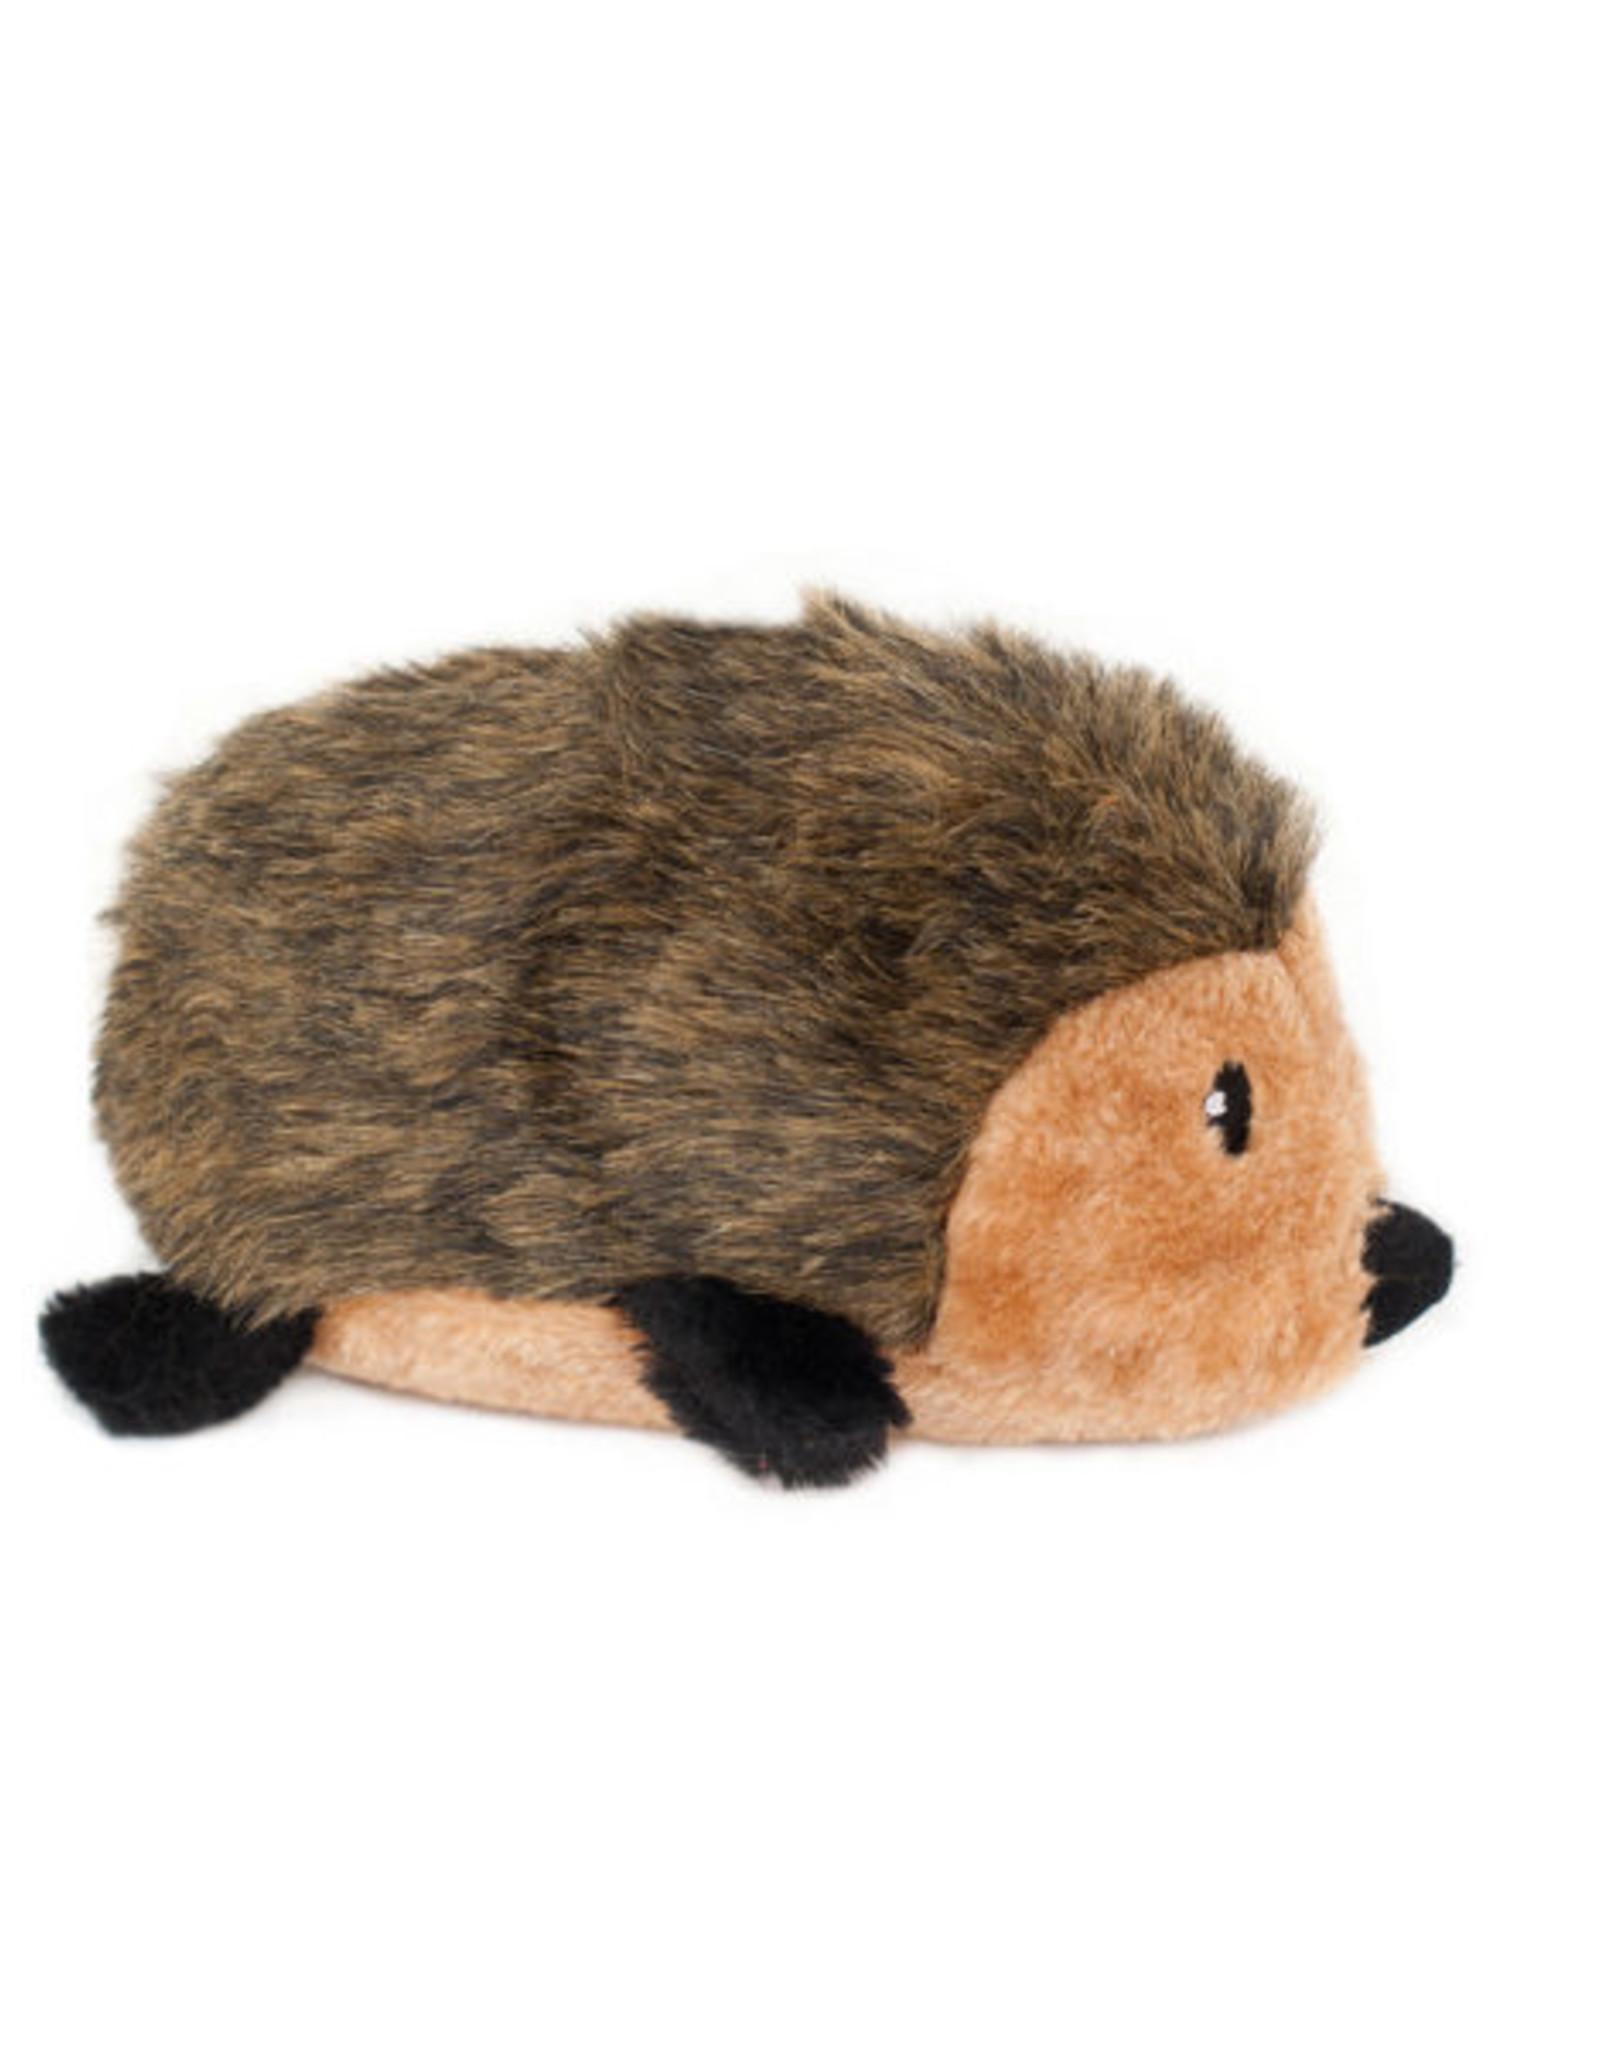 ZippyPaws Hedgehog